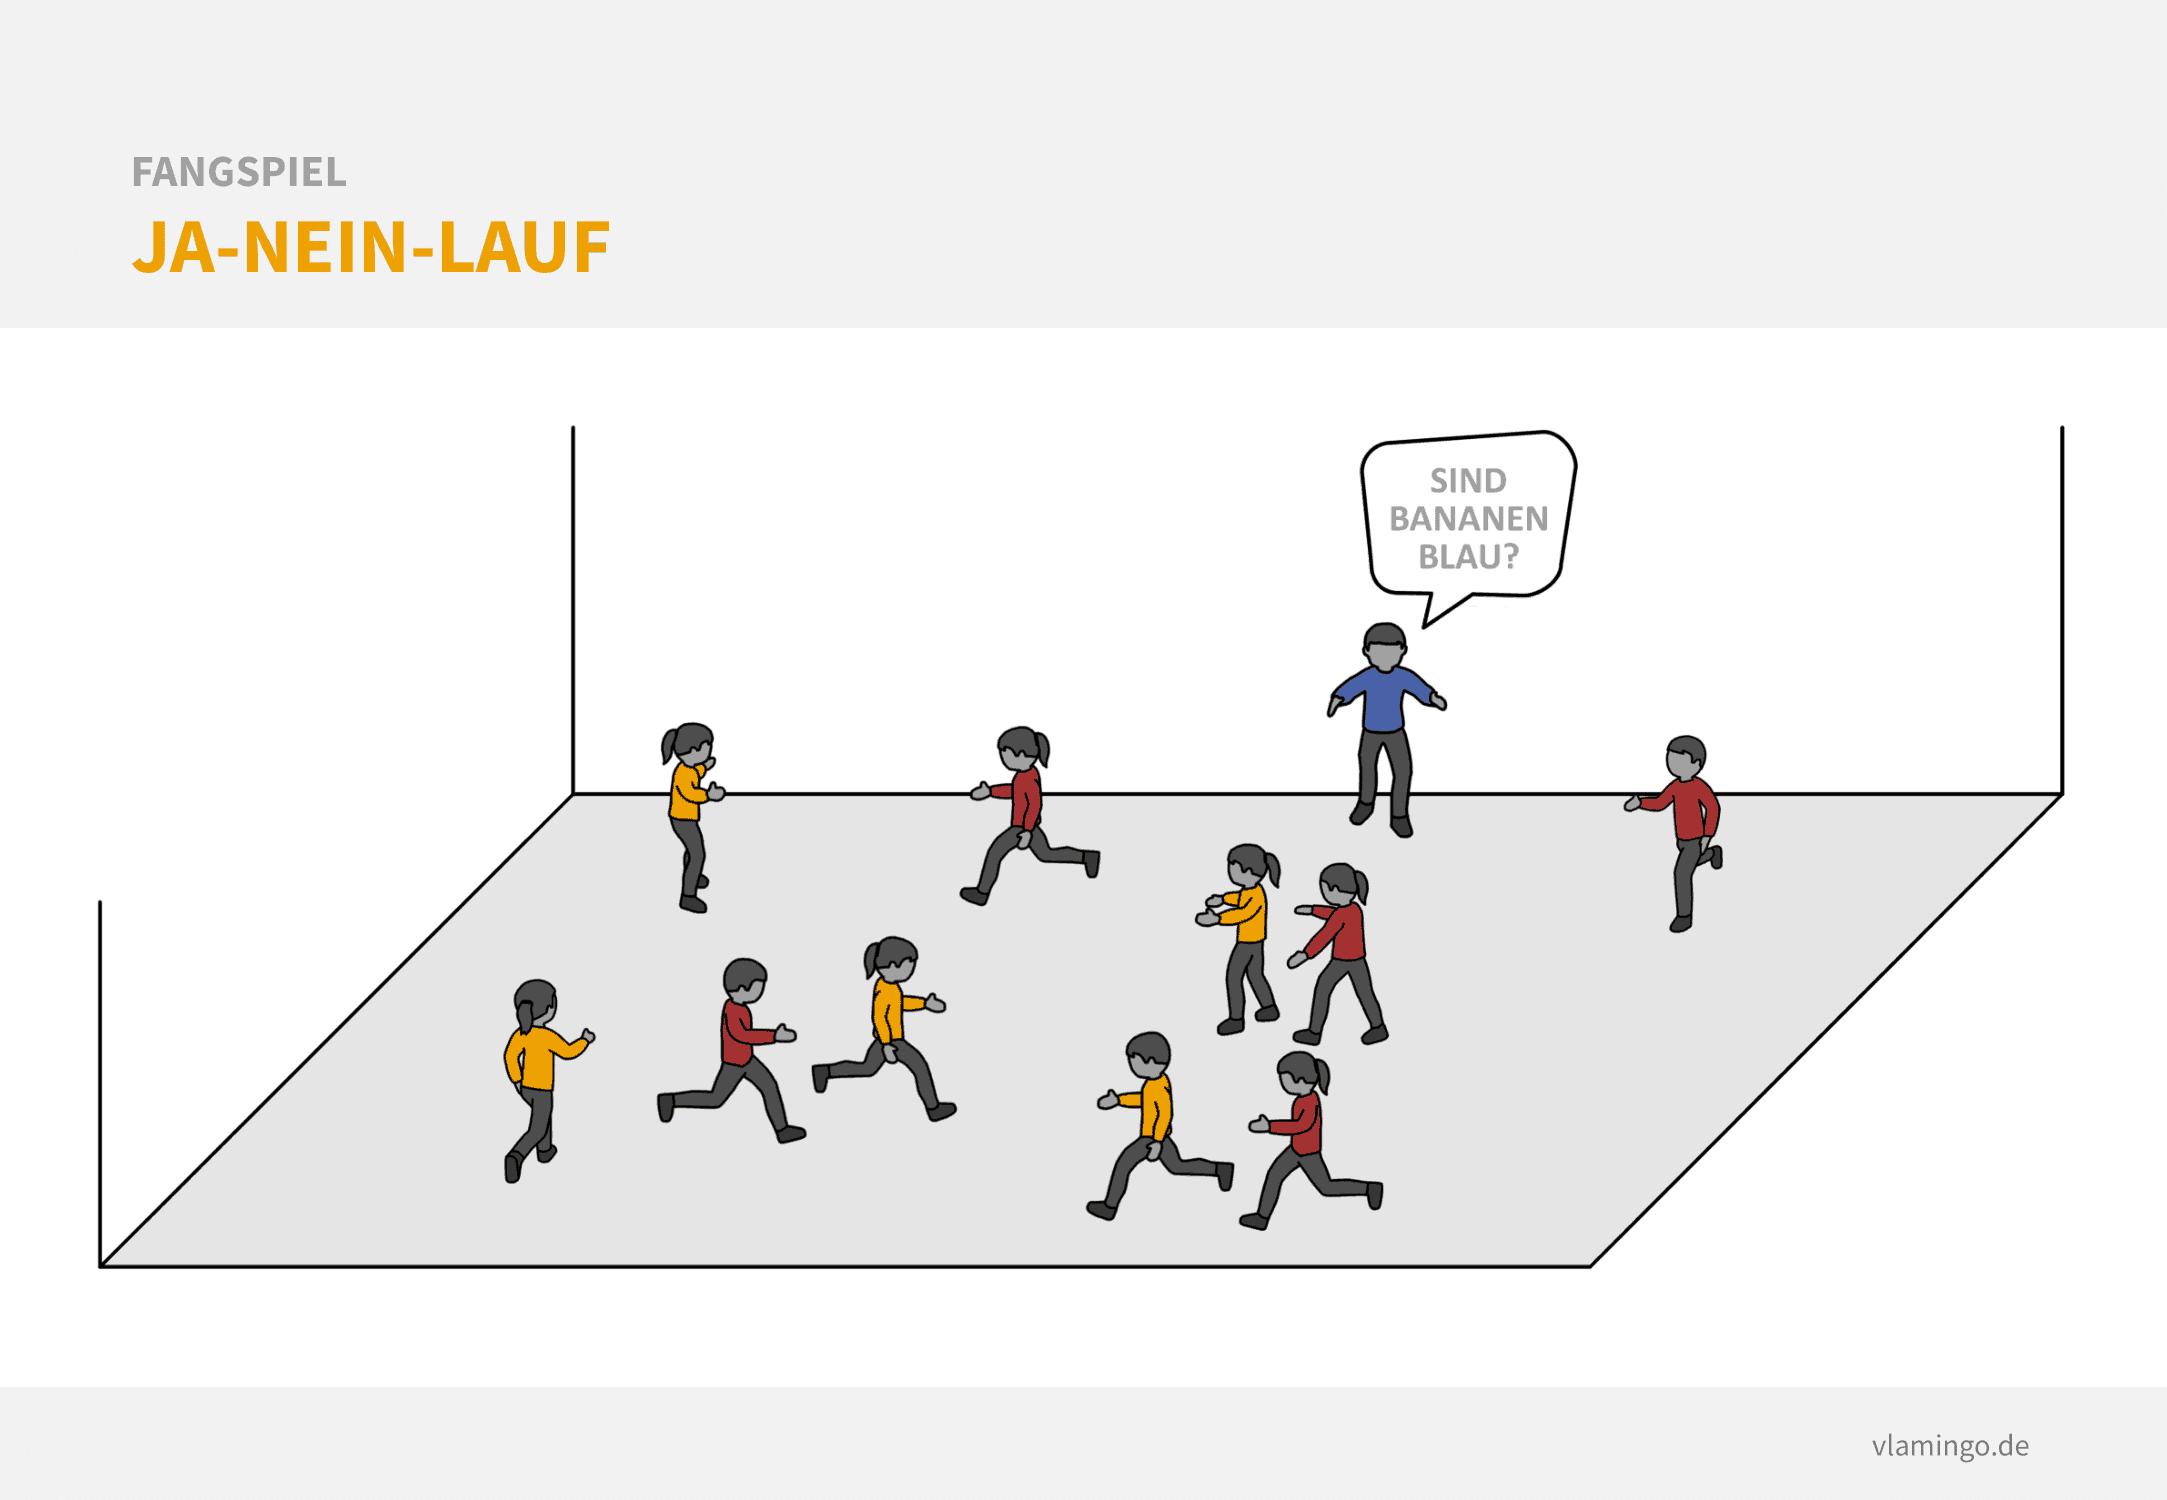 Fangspiel: Ja-Nein-Lauf